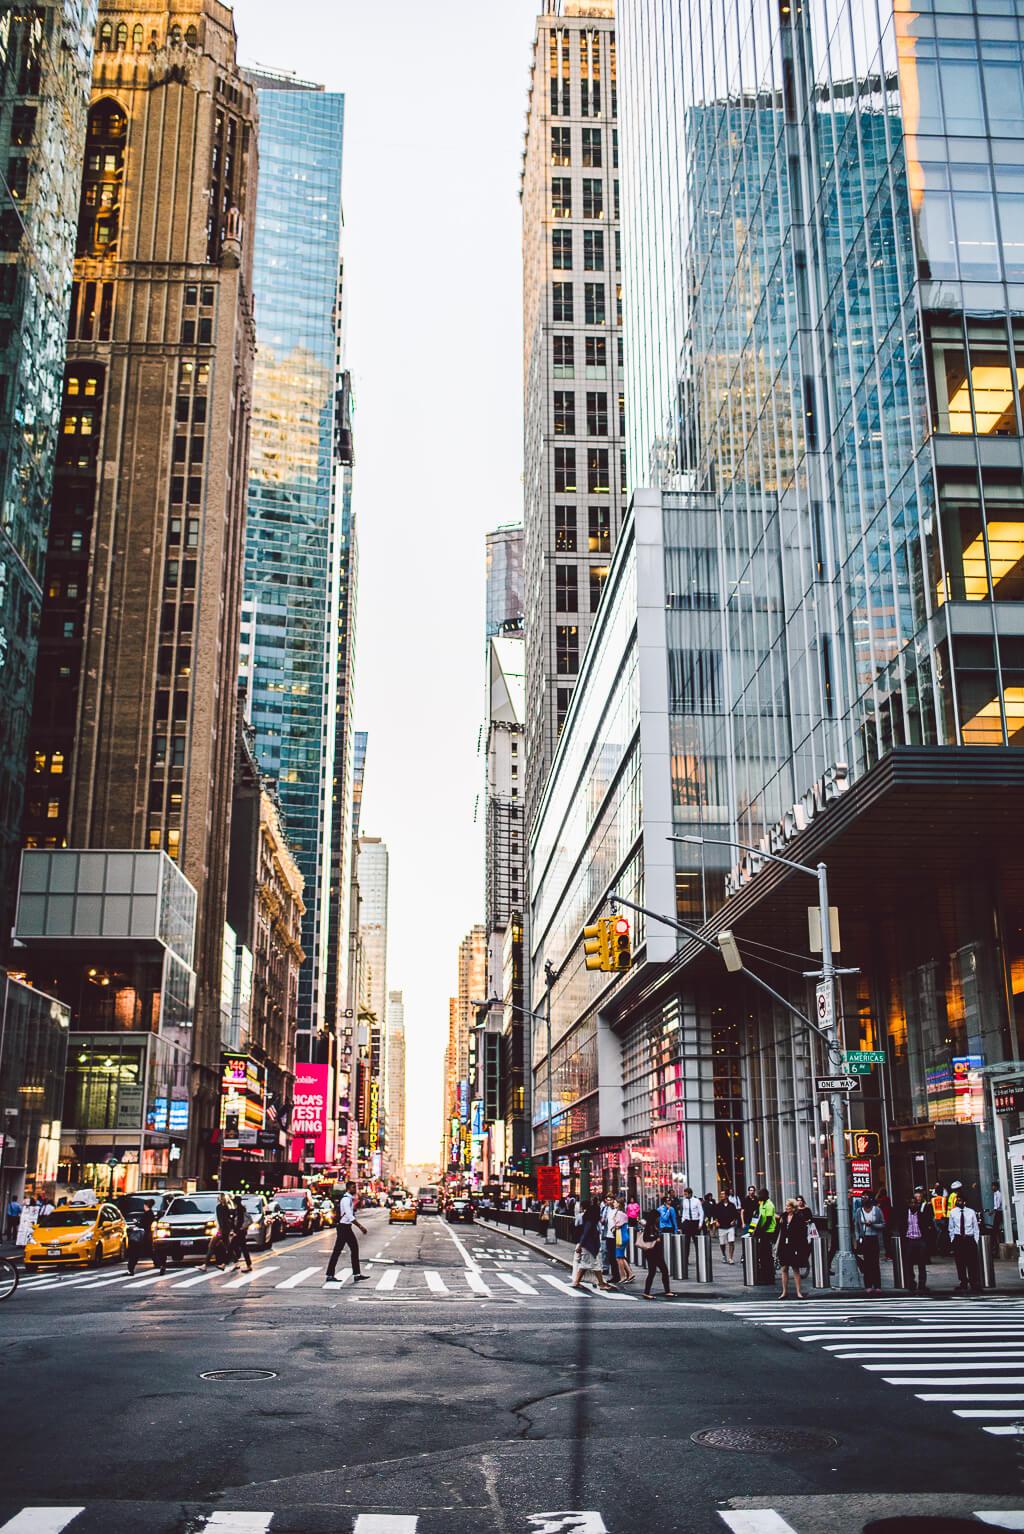 janni-deler-newyorkDSC_5529